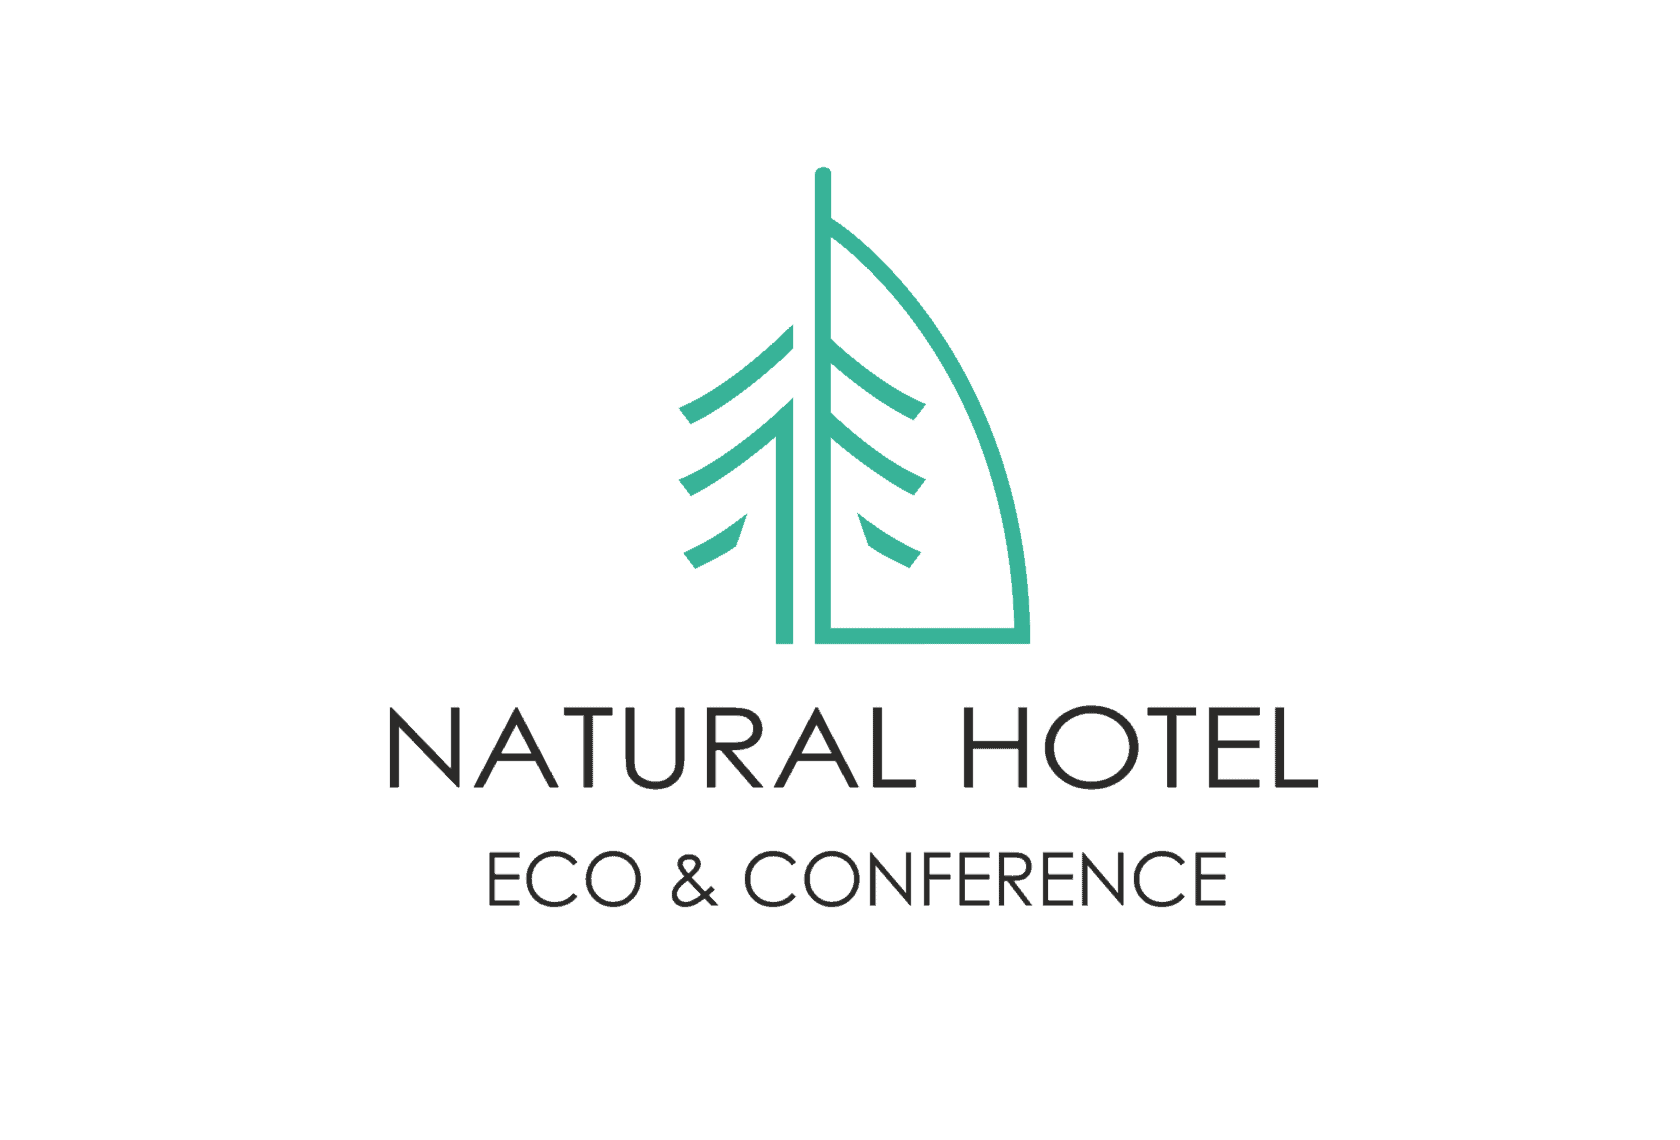 Natural Hotel - 4